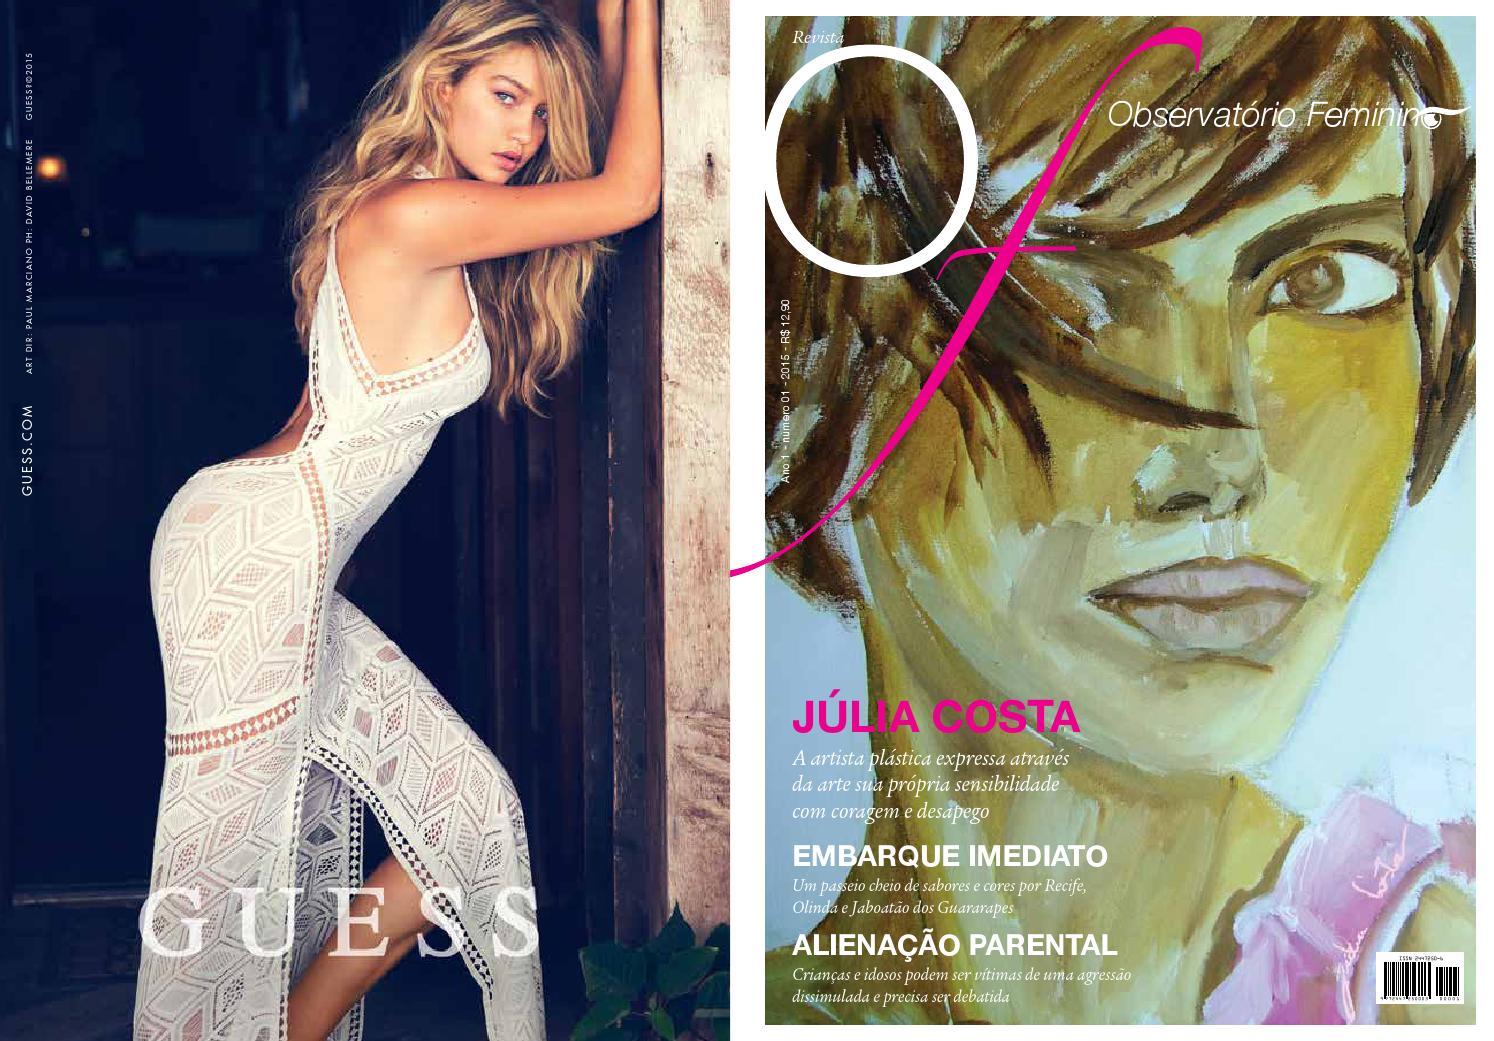 Revista OF  1 by Felipe Caroé - issuu 9cf27d7f3b2